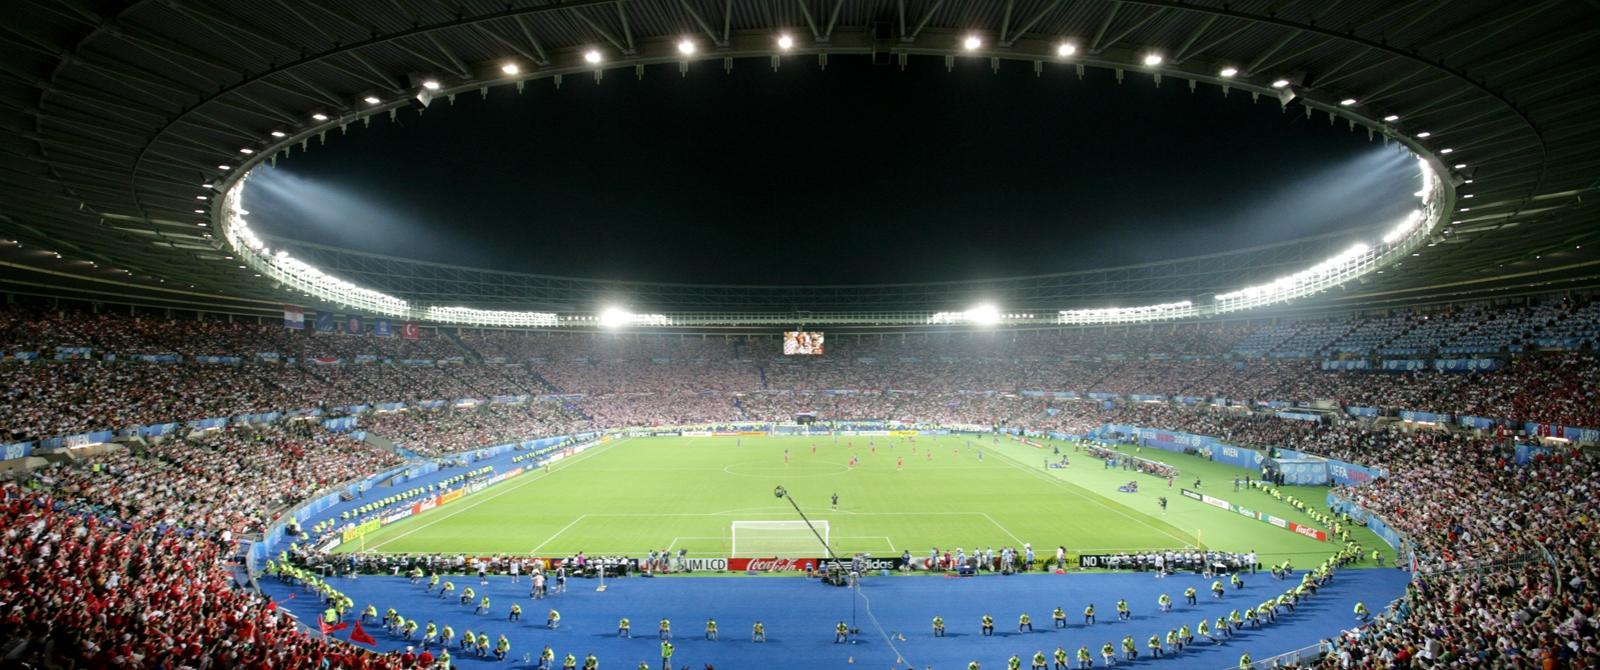 Ernst Happel Stadion Wien